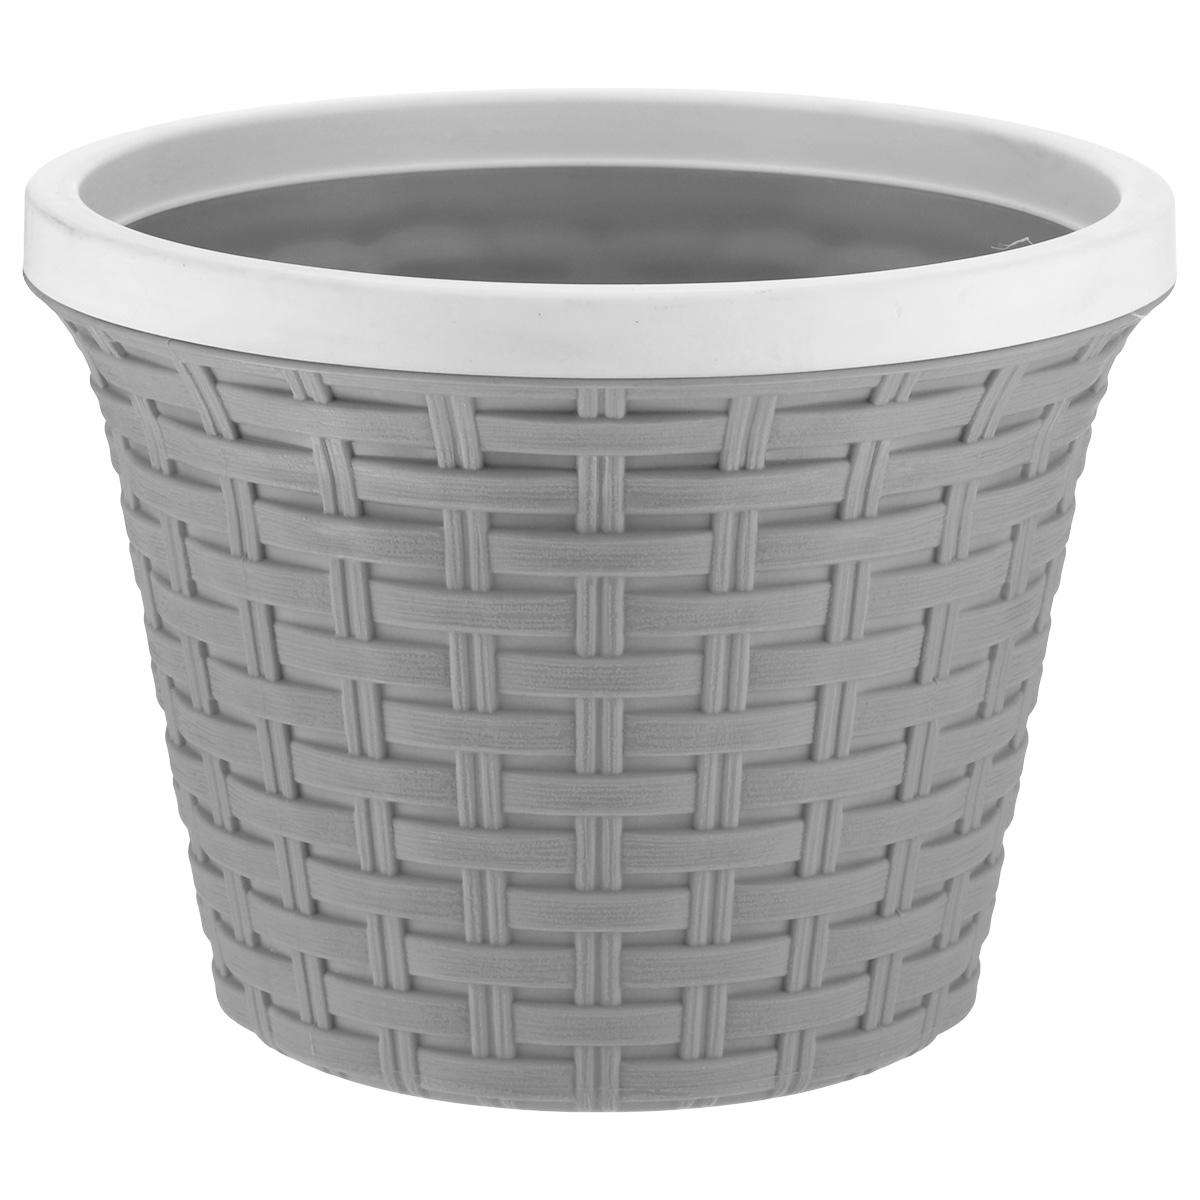 Кашпо Violet Ротанг, с дренажной системой, цвет: серый, 8,8 л32880/8Кашпо Violet Ротанг изготовлено из высококачественного пластика и оснащено дренажной системой для быстрого отведения избытка воды при поливе. Изделие прекрасно подходит для выращивания растений и цветов в домашних условиях. Лаконичный дизайн впишется в интерьер любого помещения. Объем: 8,8 л.